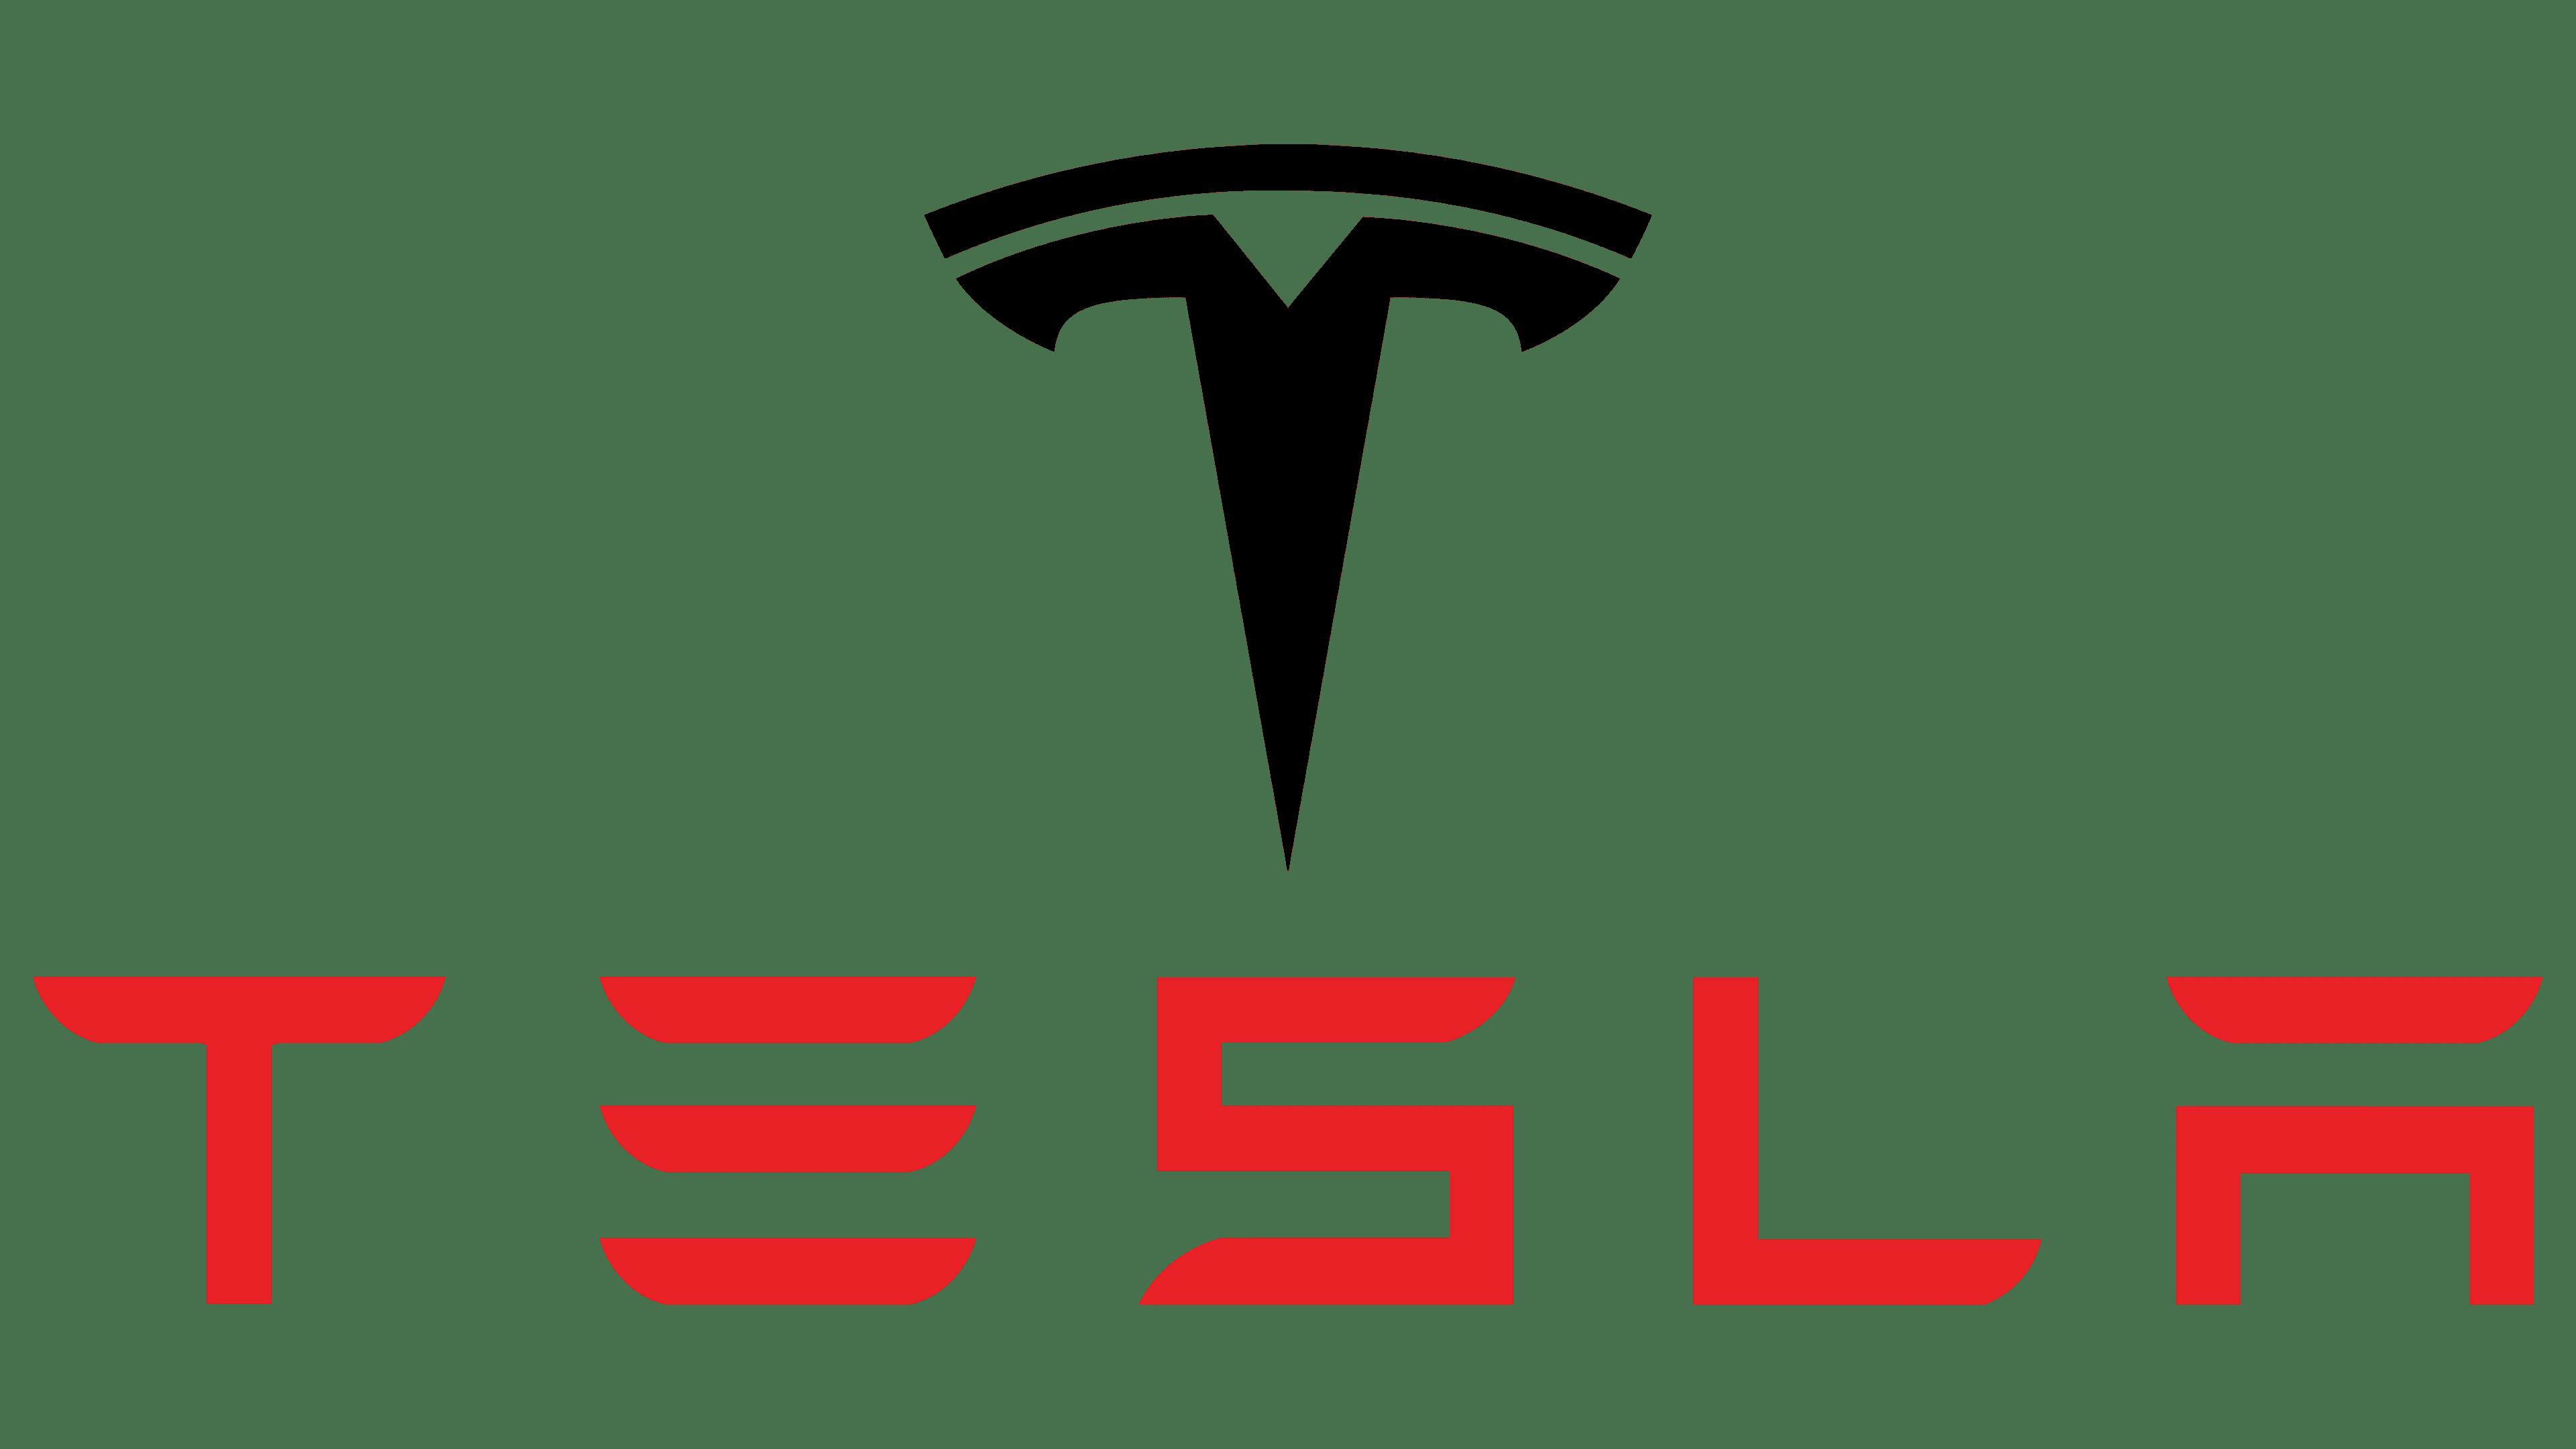 Tesla-Emblem